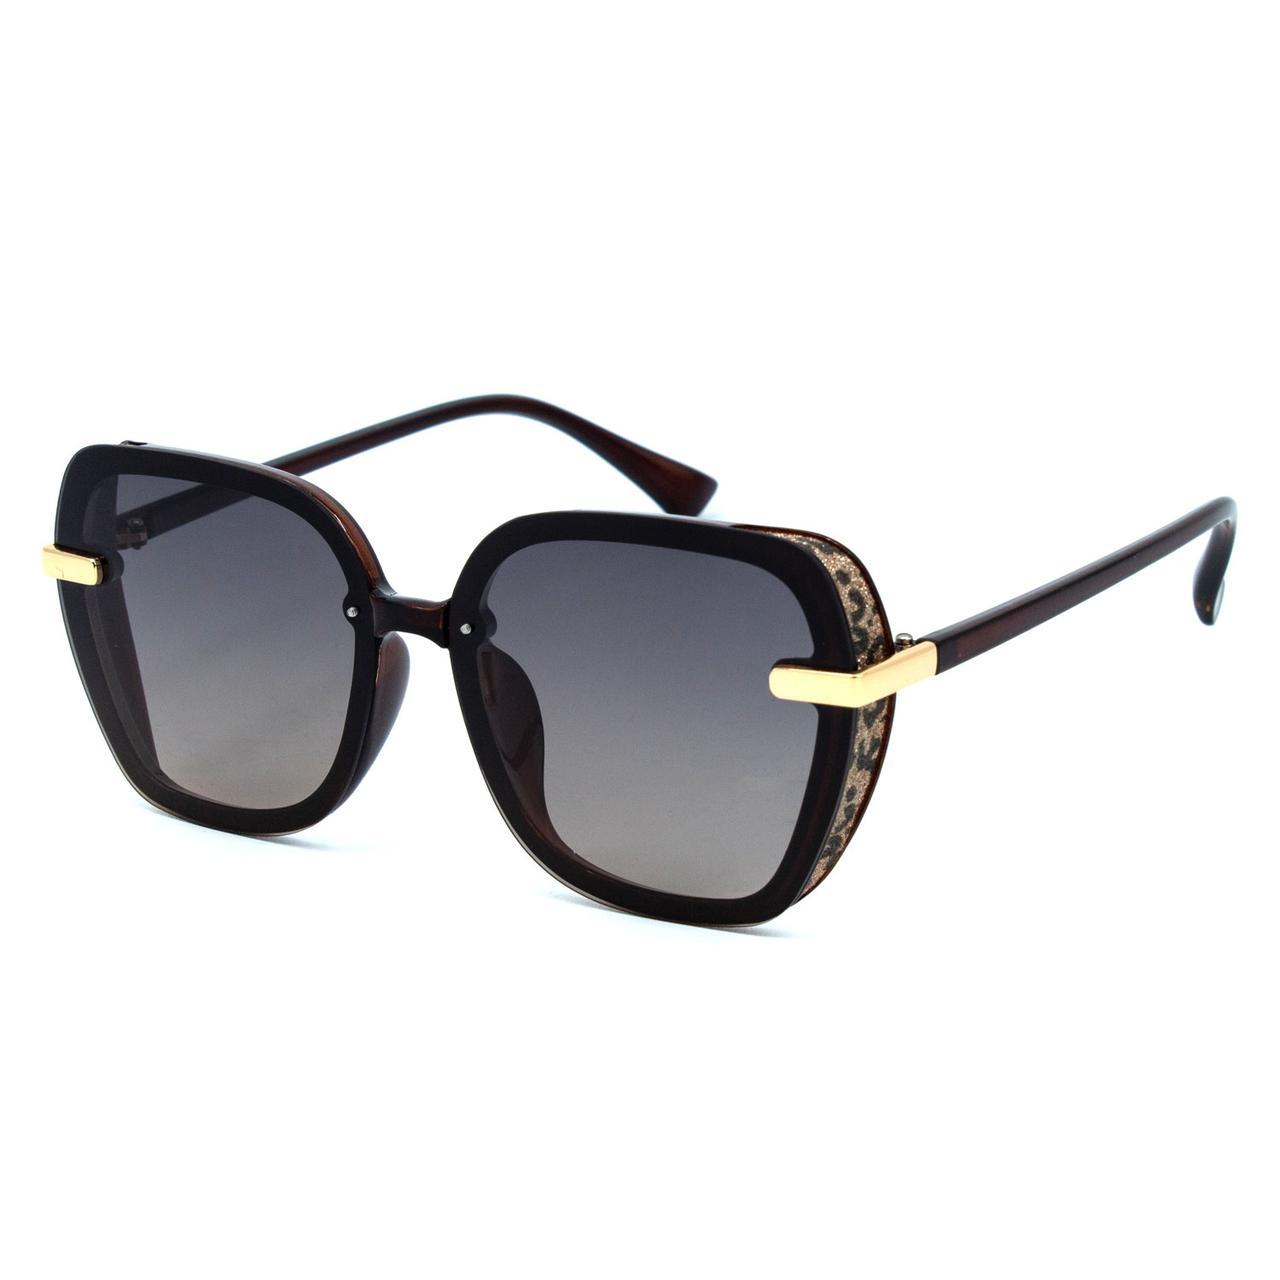 Солнцезащитные очки Marmilen P489 C4 крочневые     ( P489-04 )